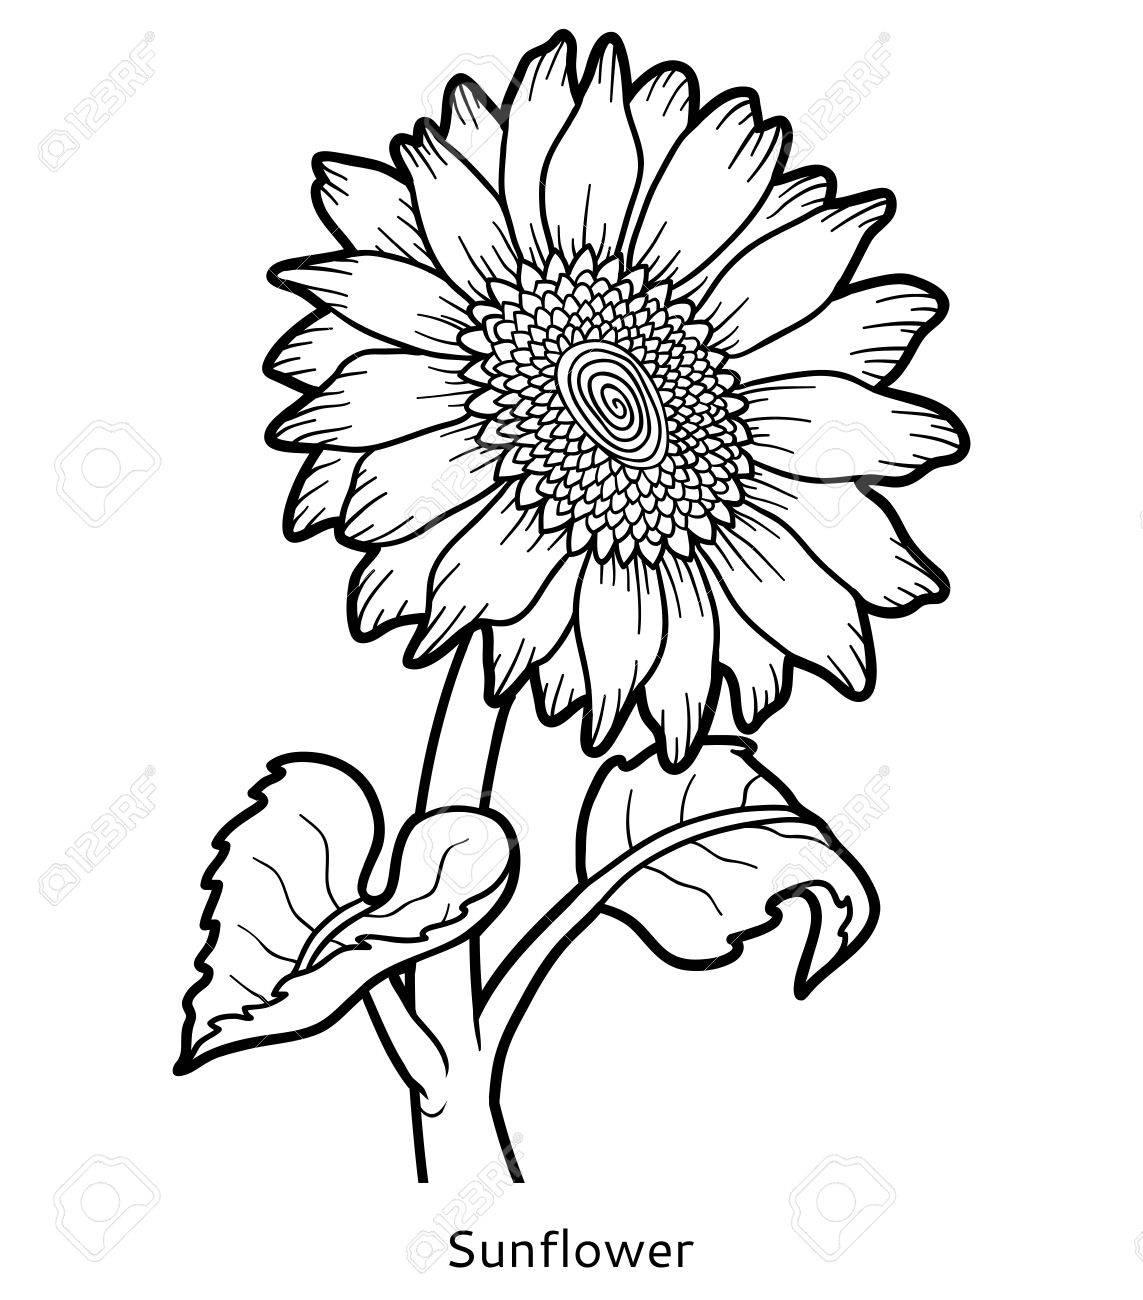 ひまわりの花の子供のための塗り絵のイラスト素材ベクタ Image 64872609